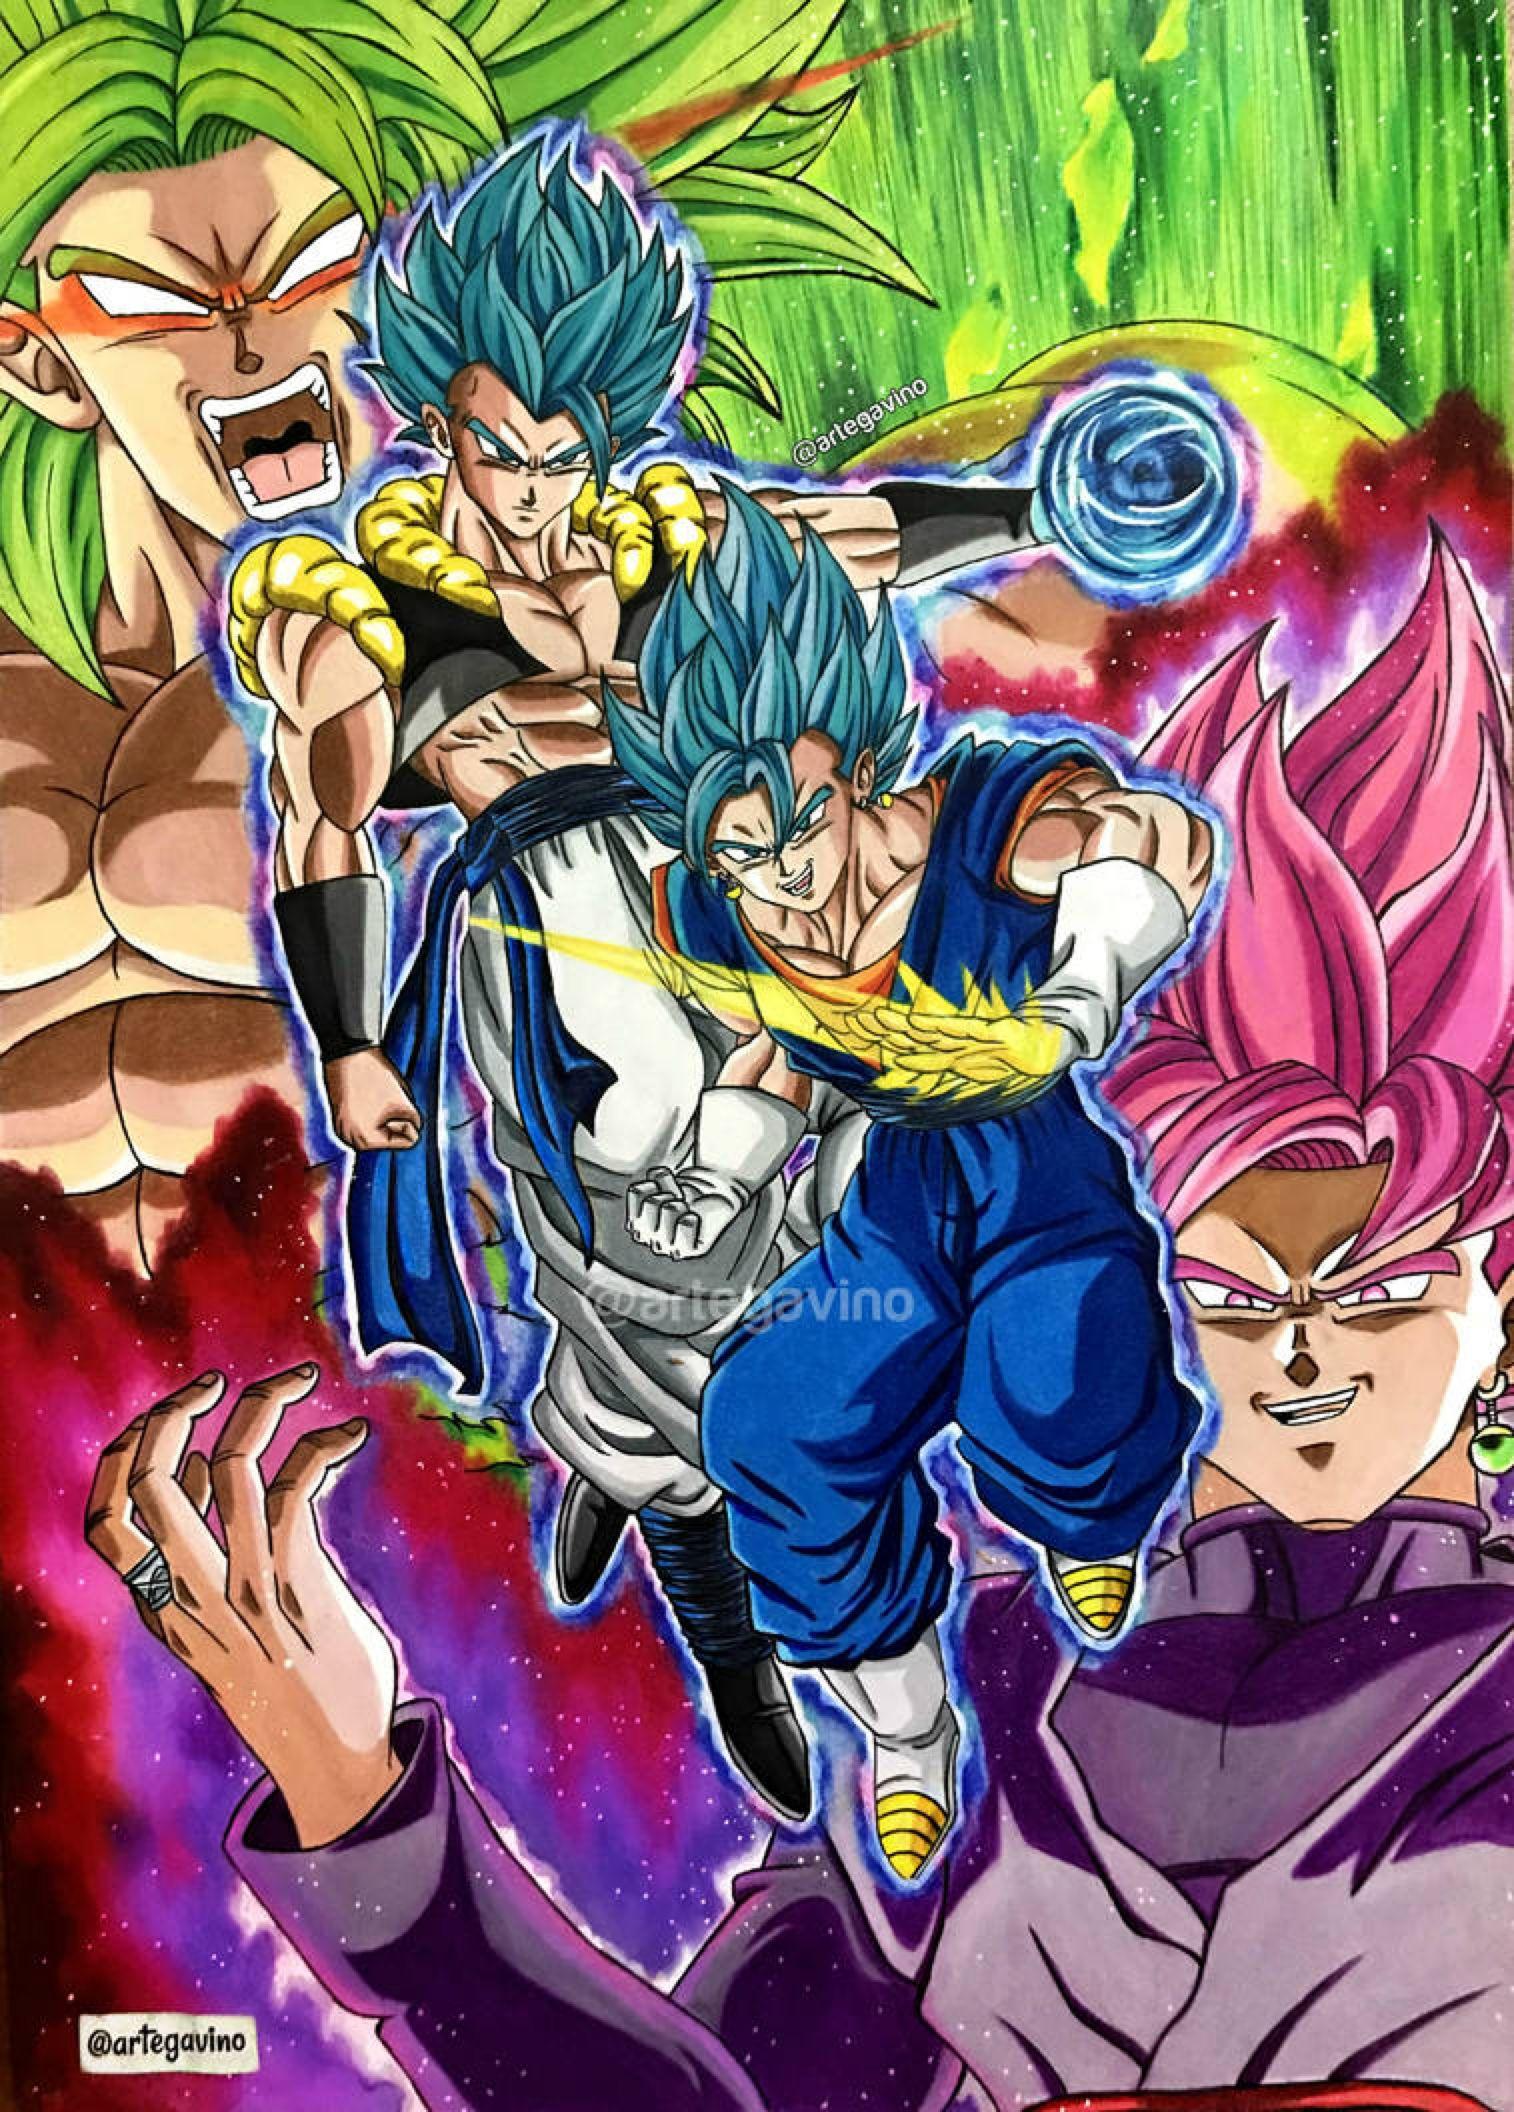 Gogeta y Vegetto VS Broly y Goku Black Rosse by Artegavino on DeviantArt